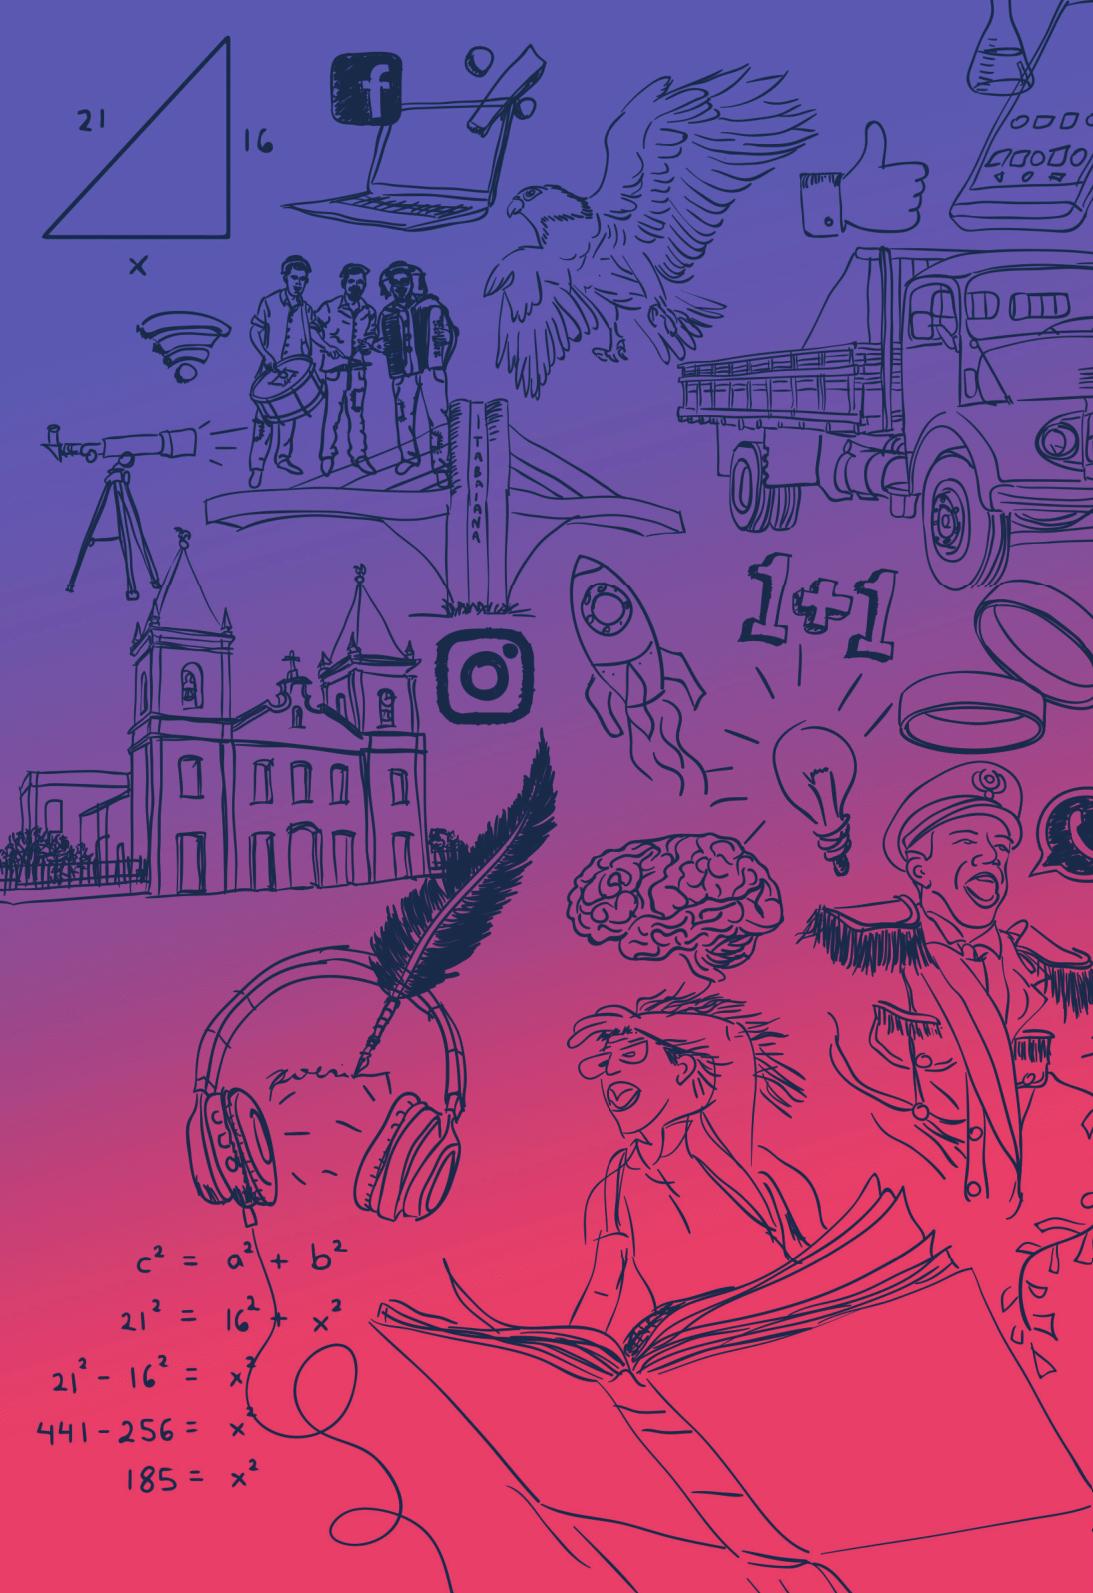 Bienal do Livro de Itabaiana.jpg